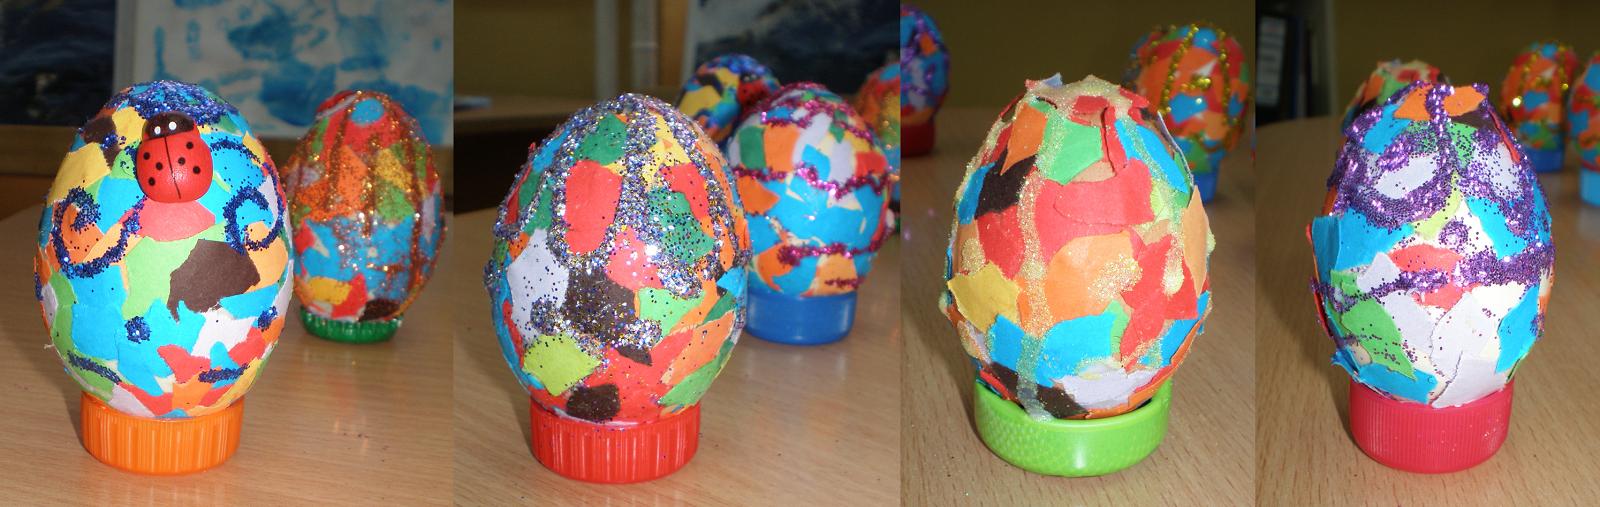 Ouă mozaic